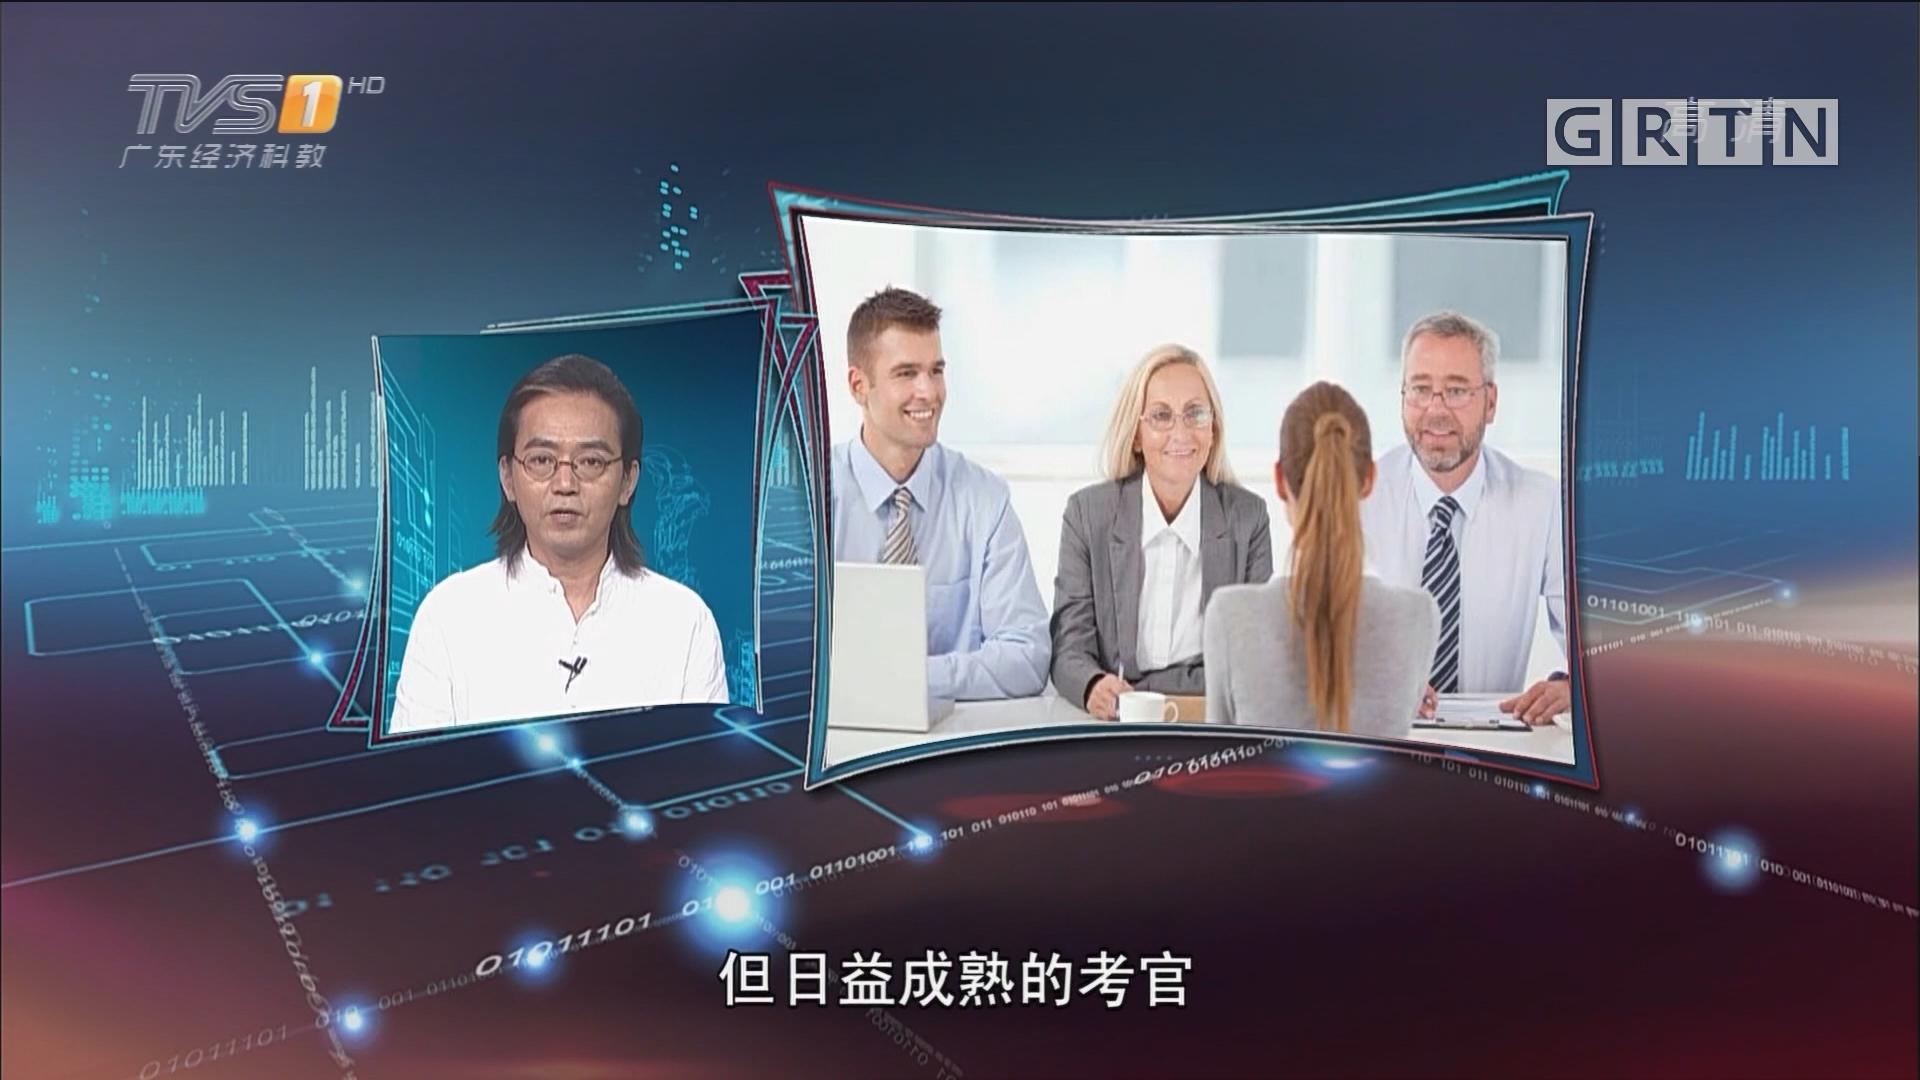 """[HD][2017-06-28]马后炮:社会不是靠脸吃饭 需要走出""""颜值崇拜""""误区"""